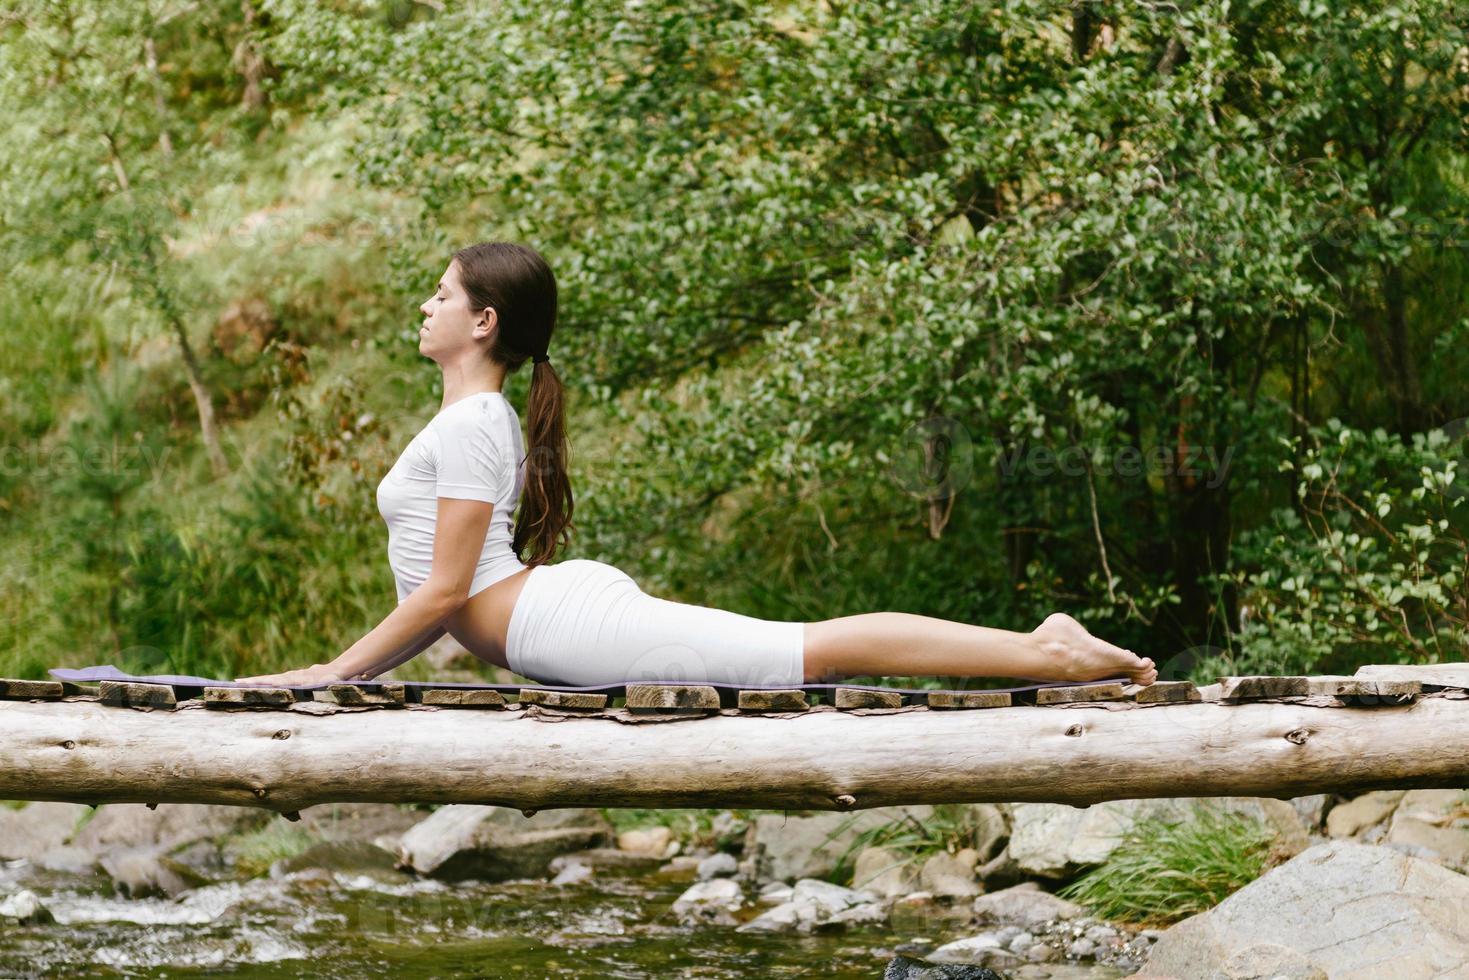 mujer haciendo yoga en la naturaleza foto